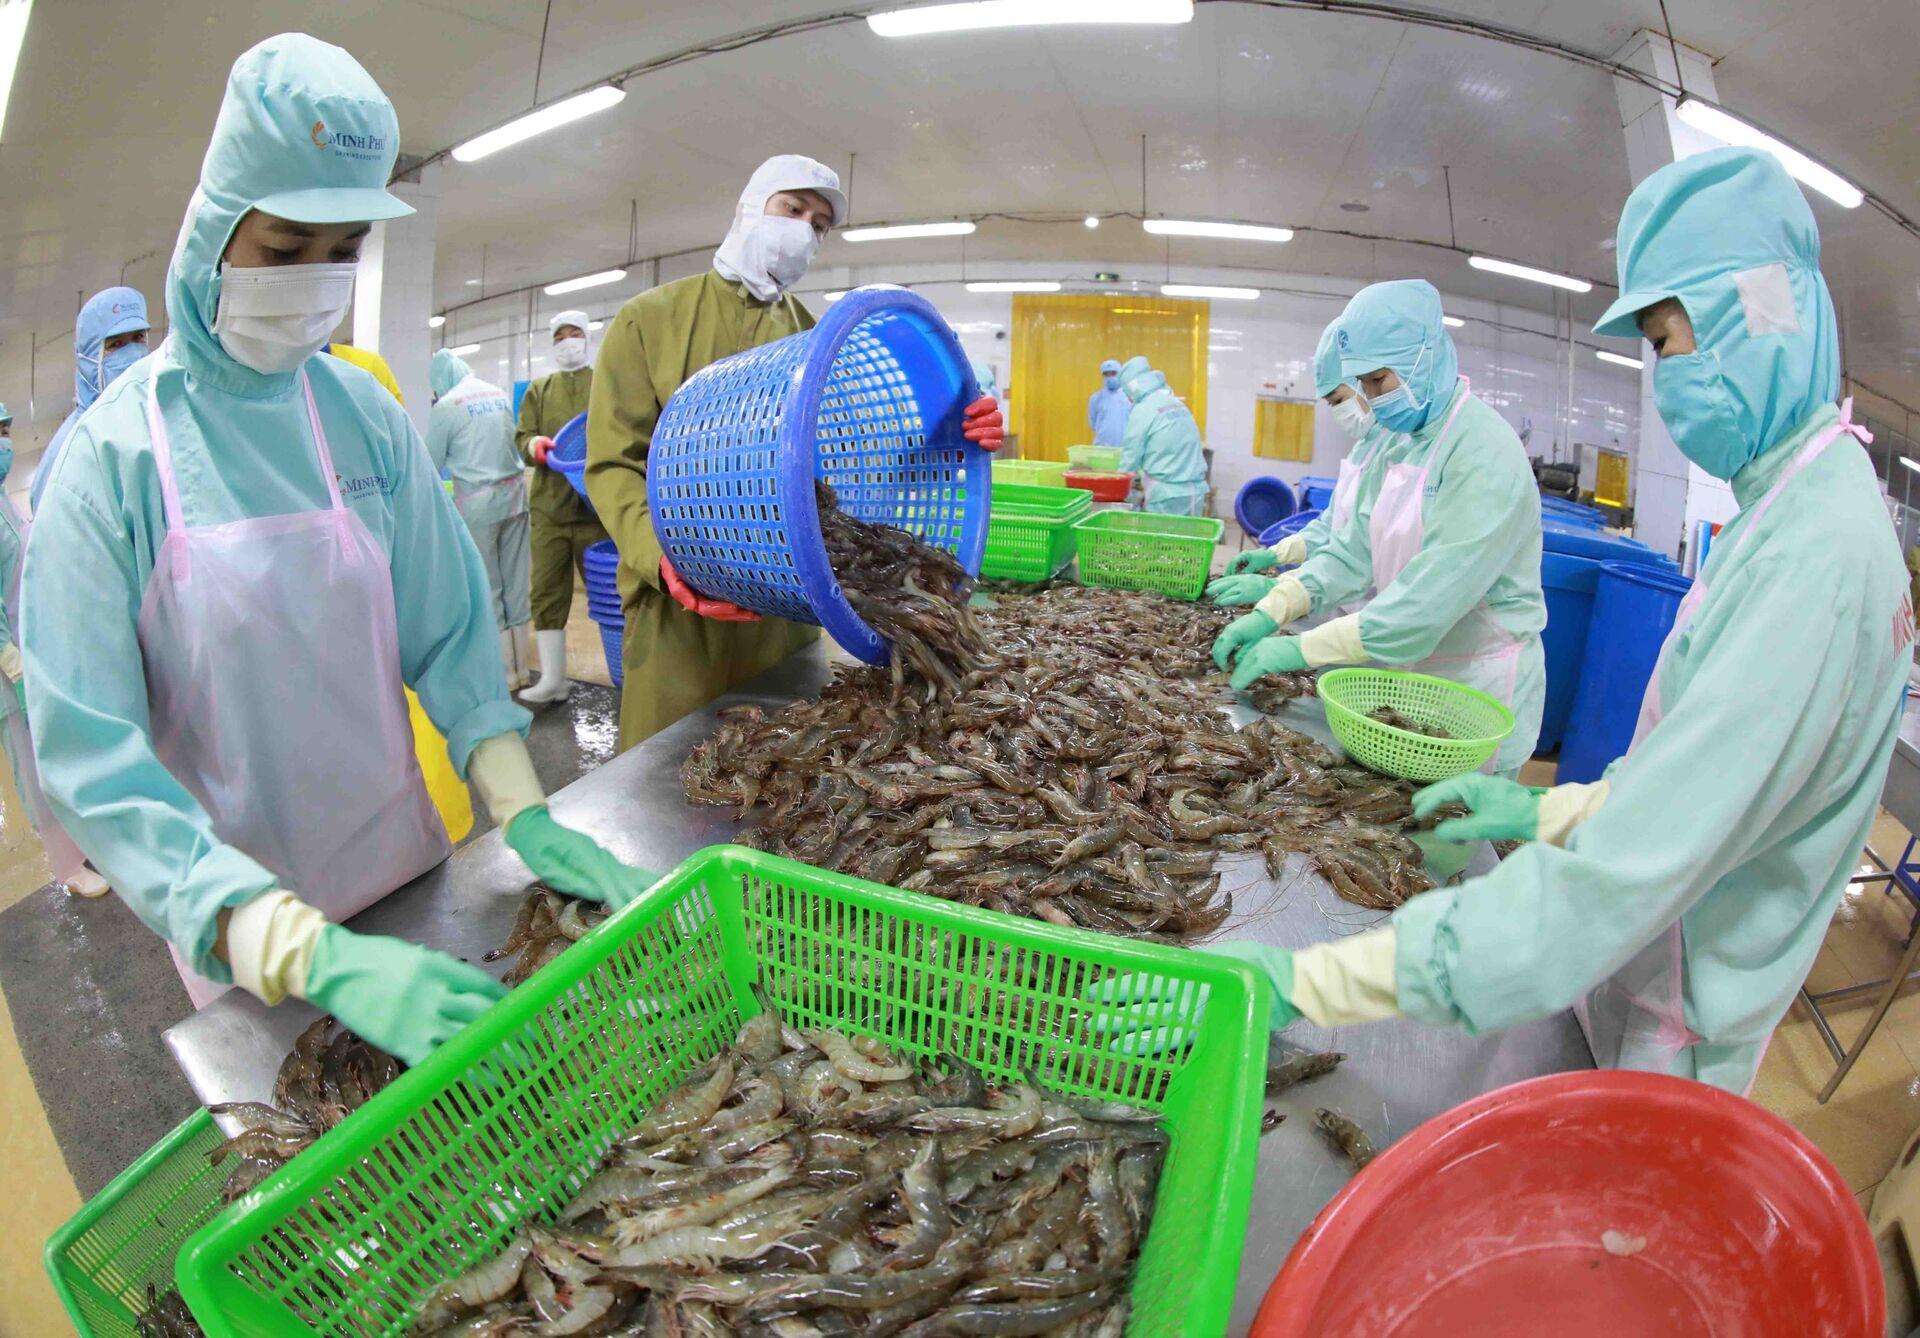 Chế biến tôm đông lạnh xuất khẩu tại nhà máy của Công ty Thuỷ sản Minh Phú Hậu Giang (Hậu Giang) - Sputnik Việt Nam, 1920, 05.10.2021